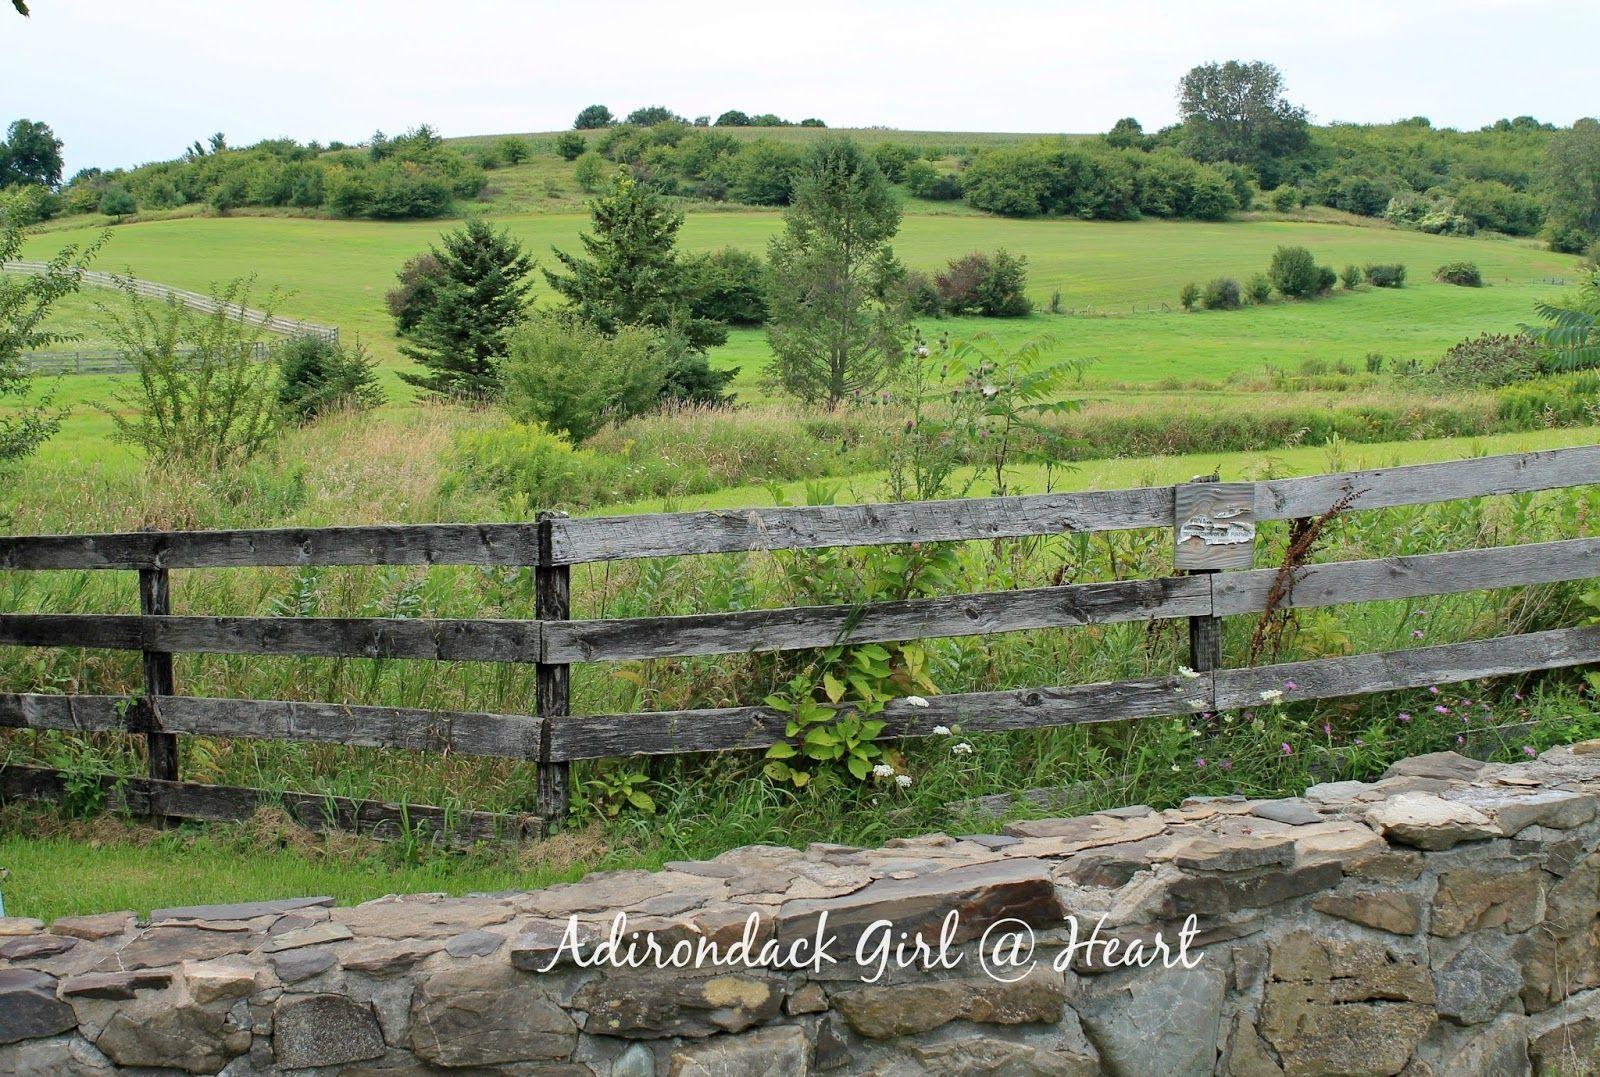 Adirondack girl heart visiting charming chatham ny